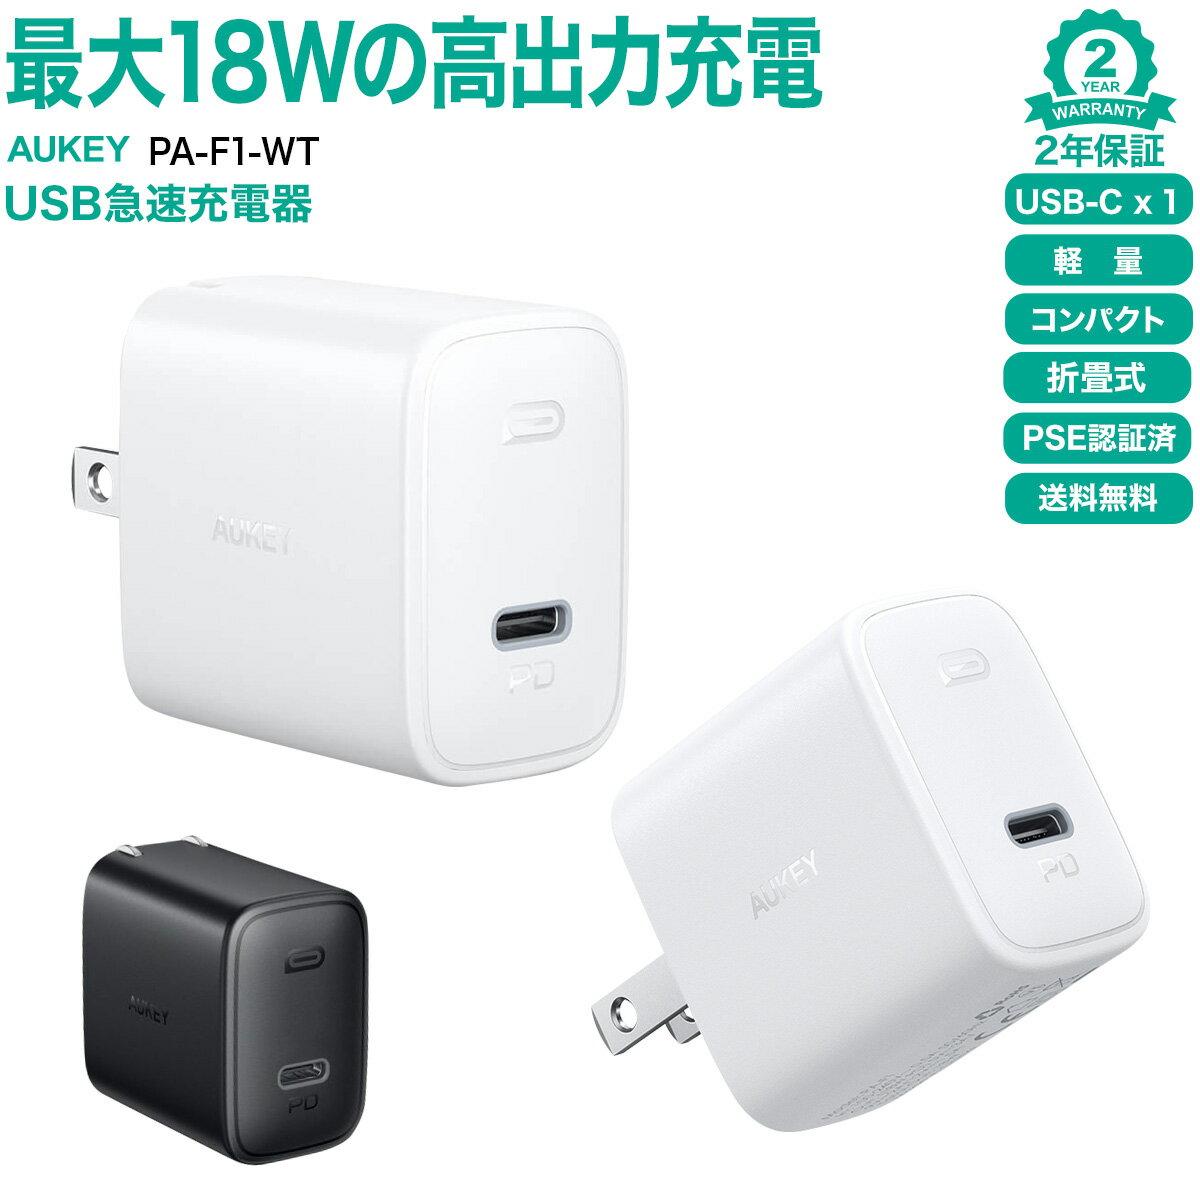 バッテリー・充電器, AC式充電器 3AAUKEY Swift 18W USB iPhone Android Type-C (C) PD (Power Delivery) PA-F1-WT